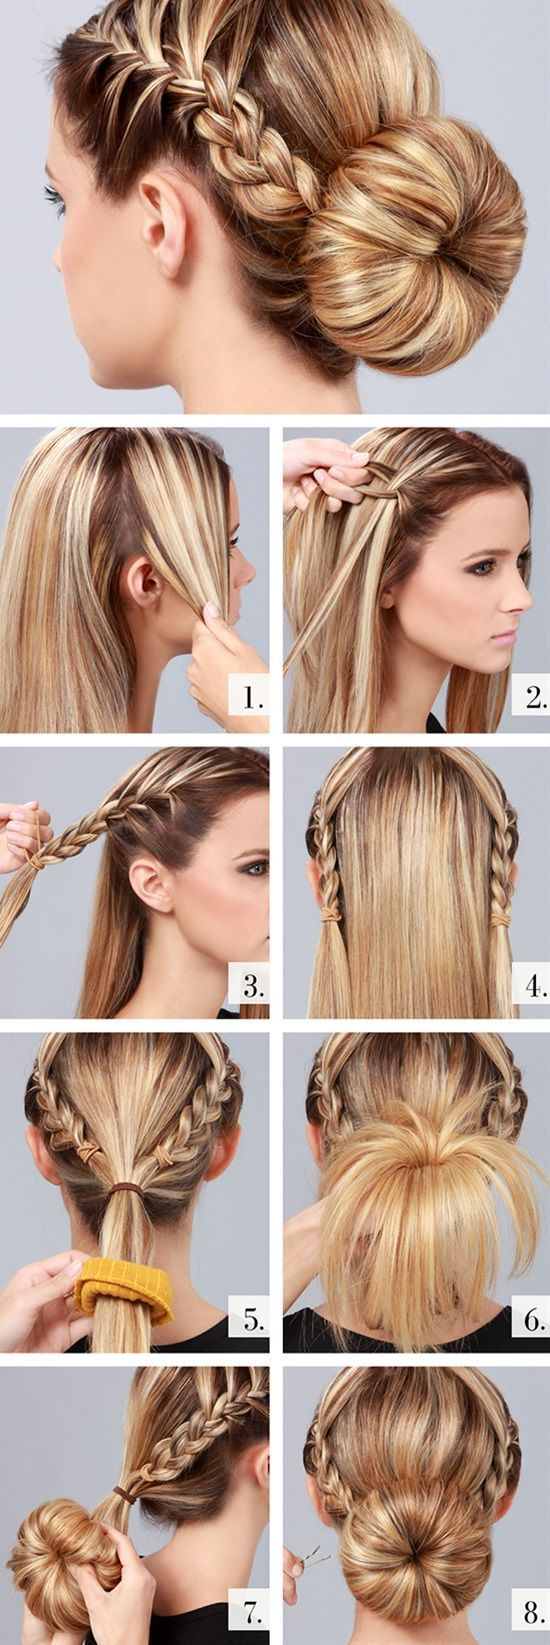 Estos peinados #PasoaPaso te ayudarán a salir de apuros y lucir perfecta en cualquier ocasión. #Peinados #PeinadosRecogidos #Cabello #Belleza #Tutorial